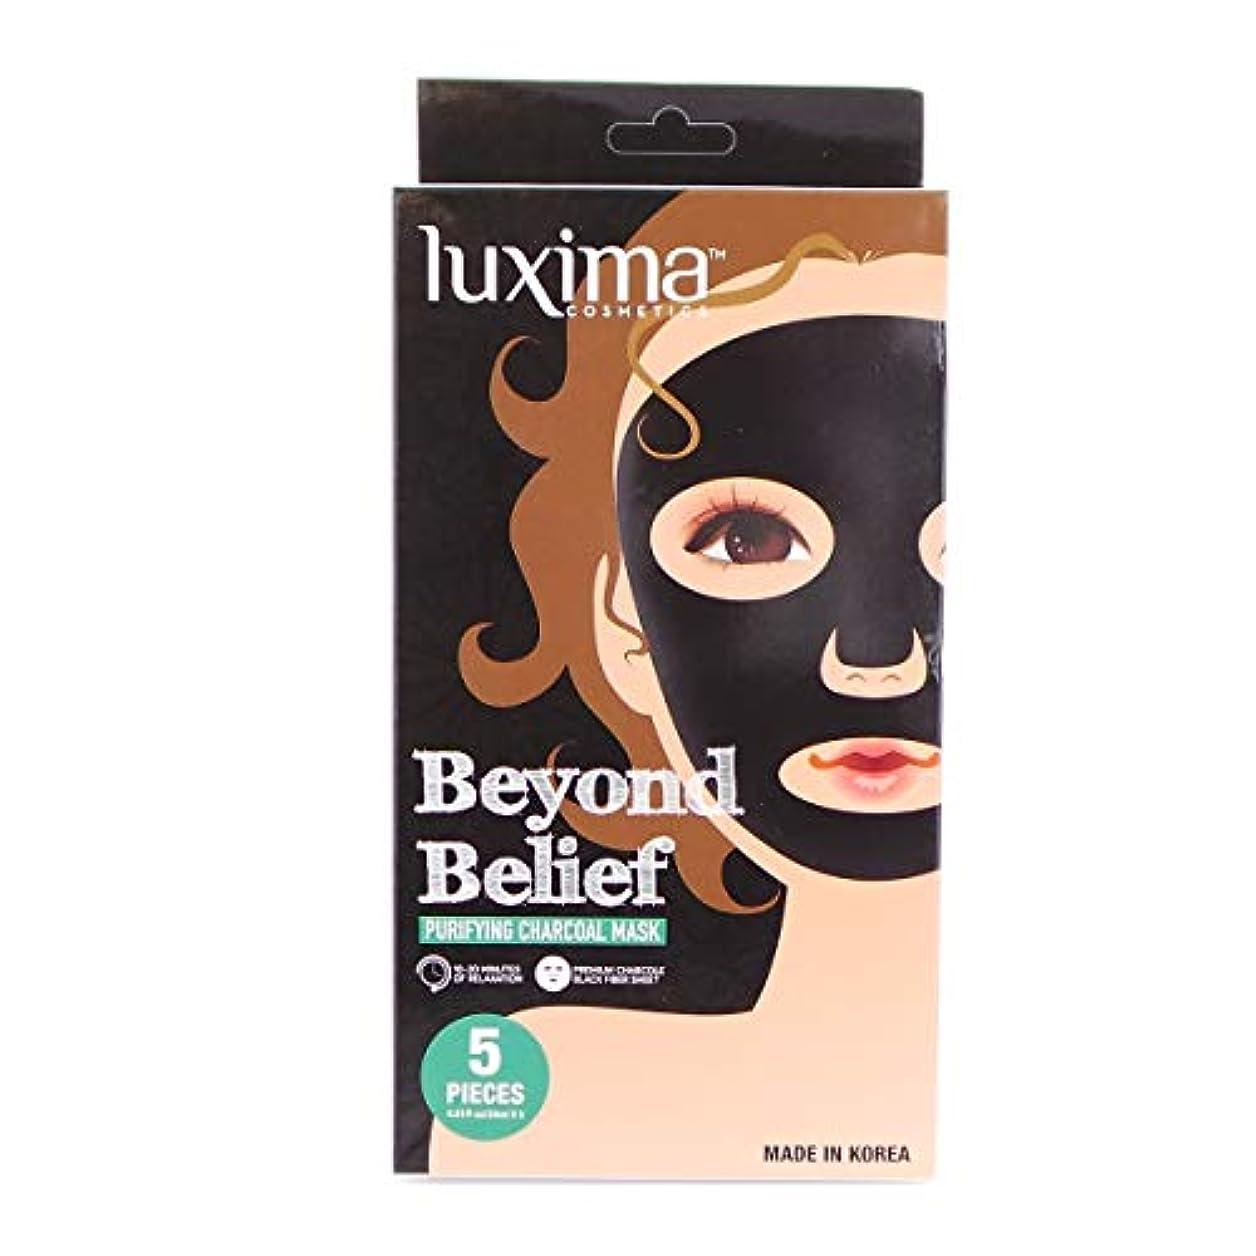 最も早い灰ファイル(6 Pack) LUXIMA Beyond Belief Purifying Charcoal Mask, Pack of 5 (並行輸入品)